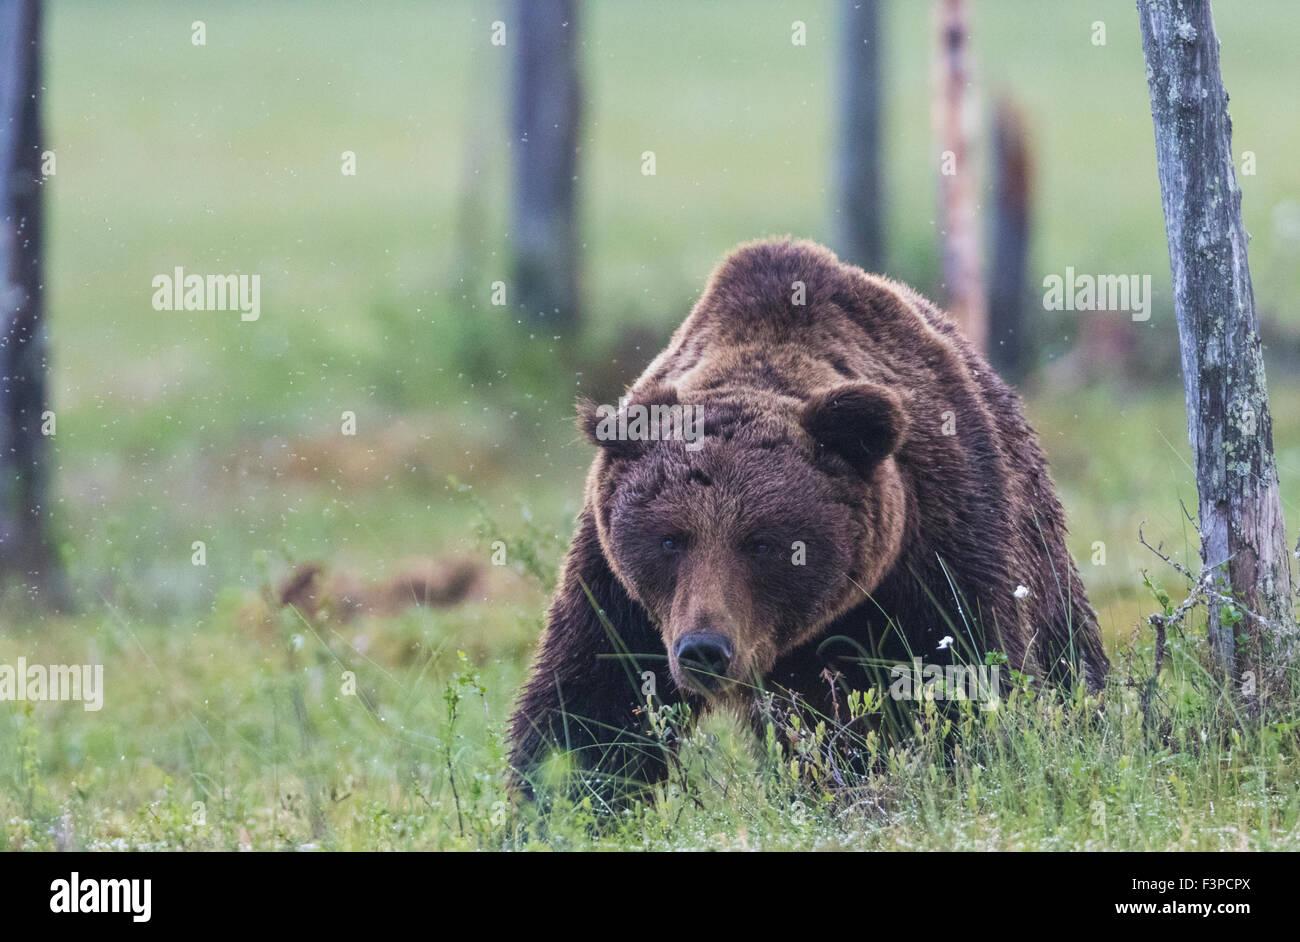 Ours brun, Ursus arctos, marchant sur une mousse vers l'appareil photo, baissant la tête et regarde droit Photo Stock